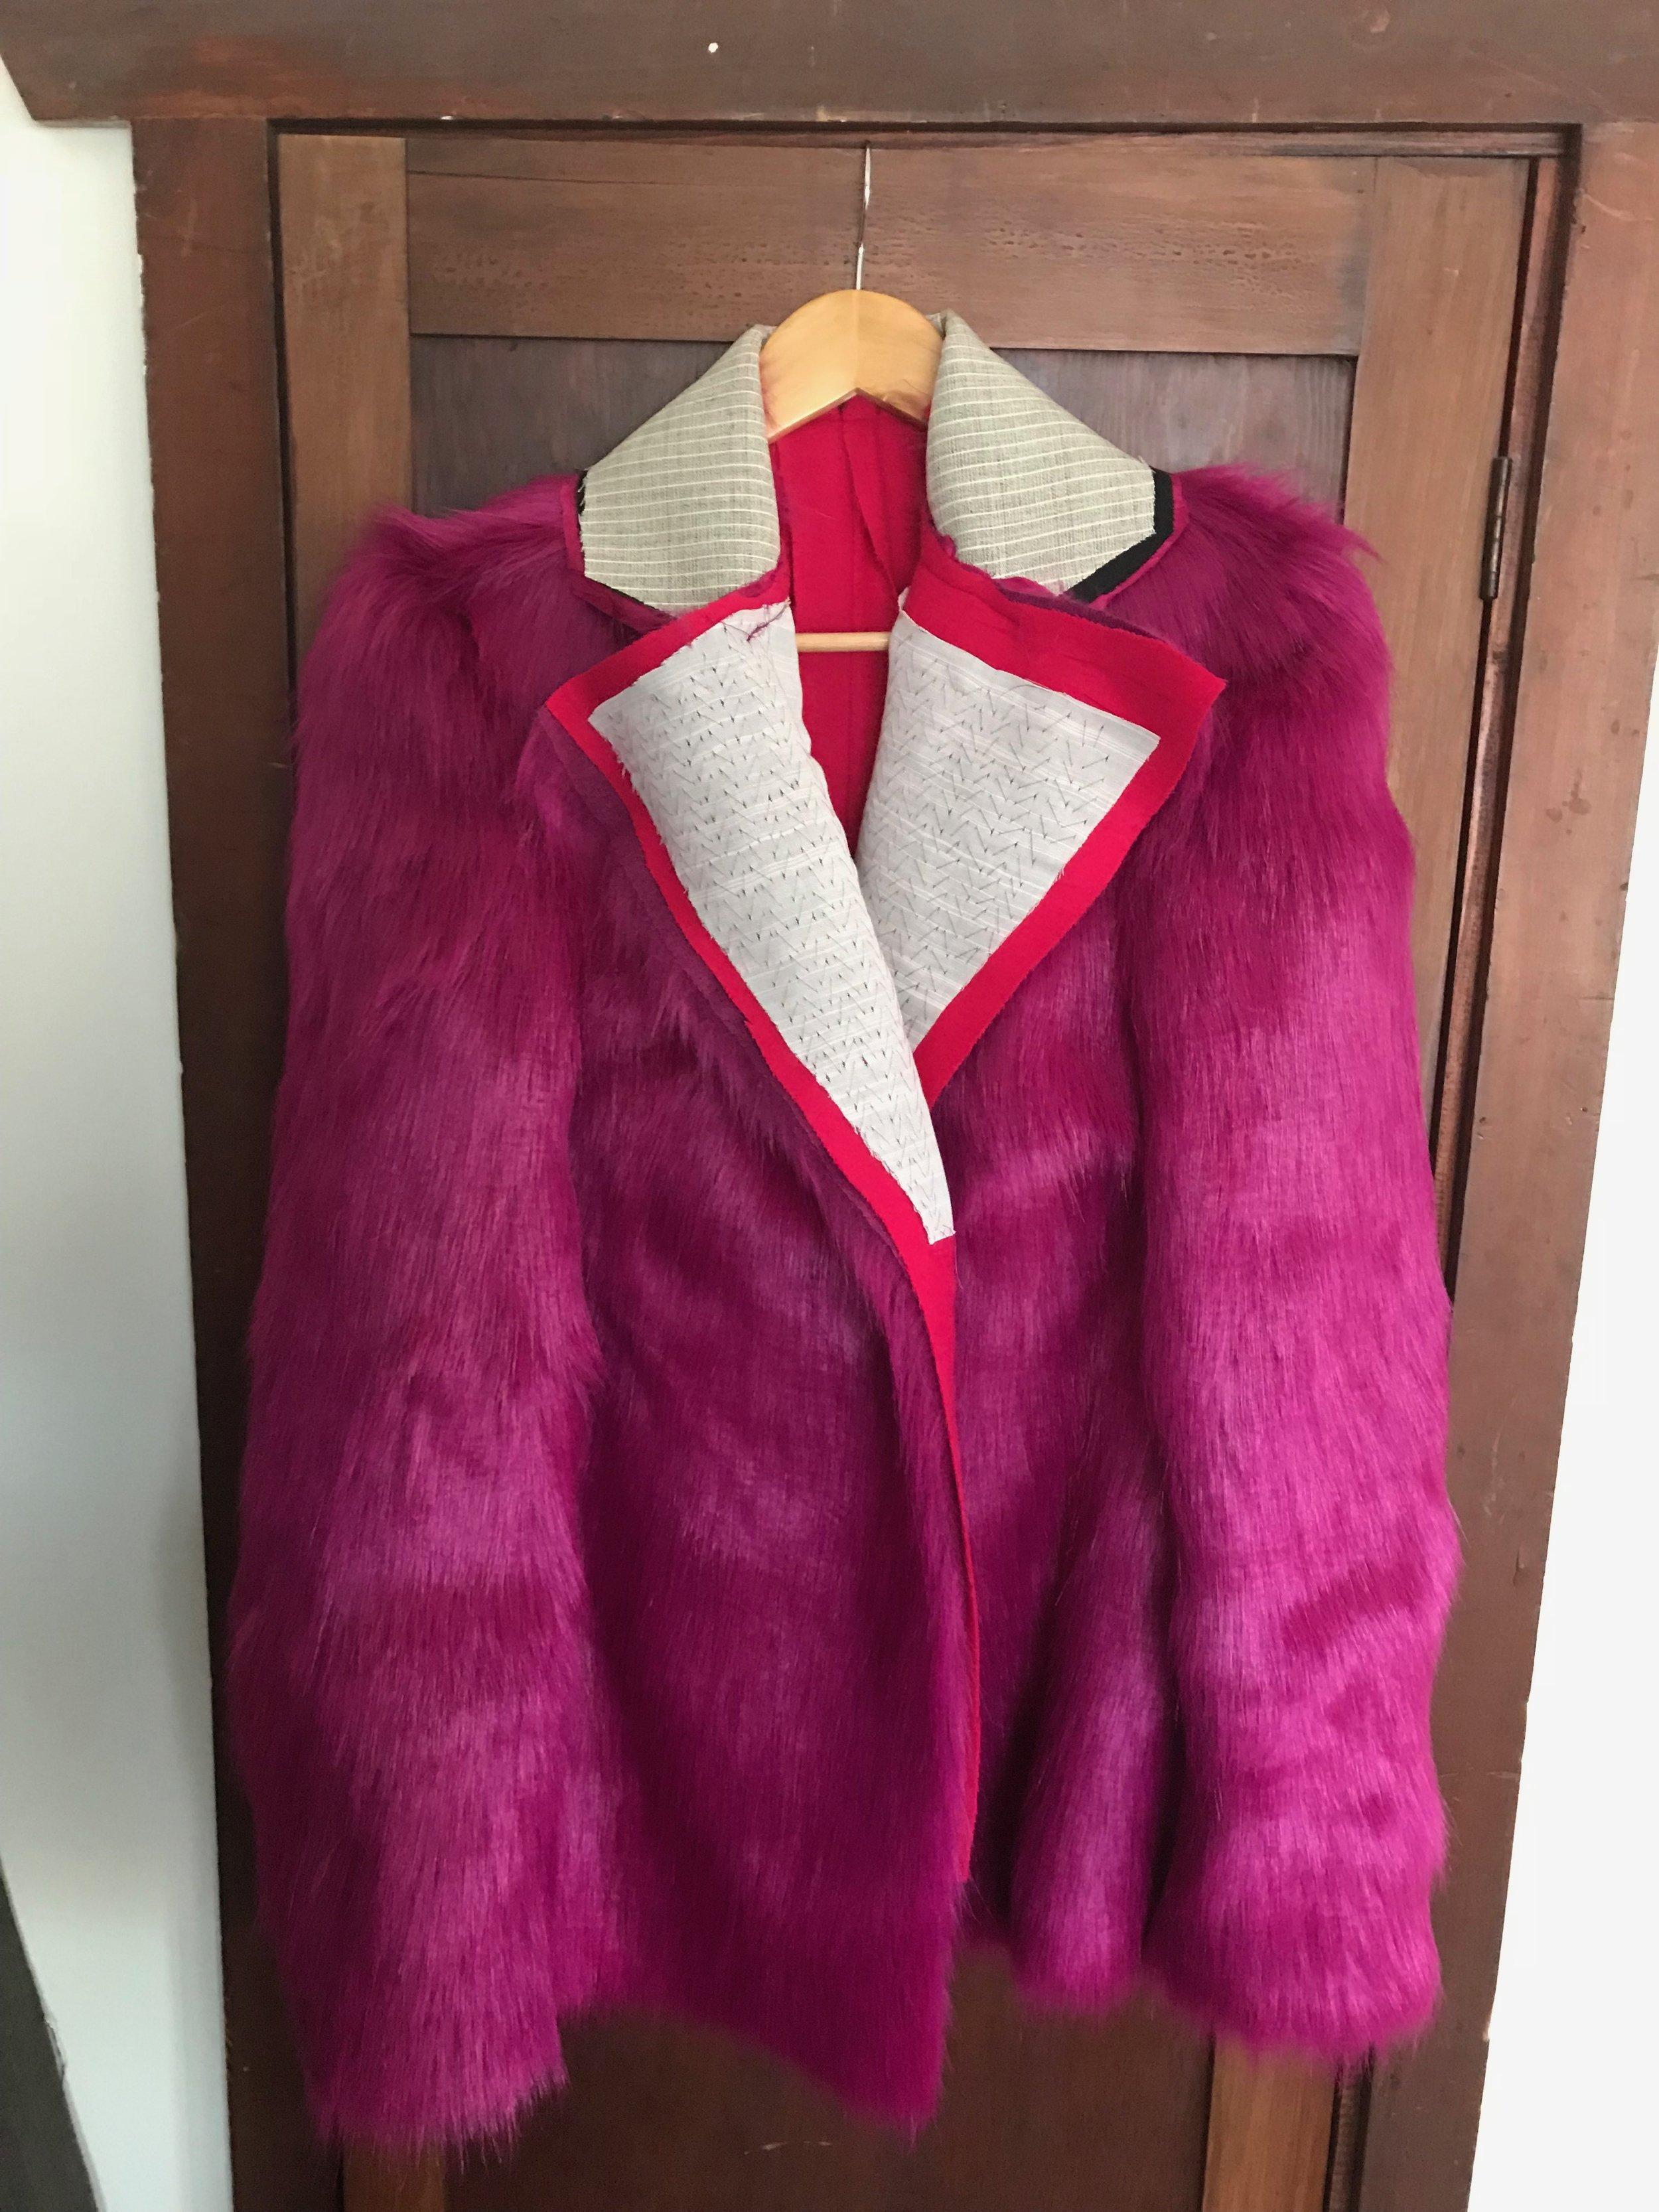 structure of fur coat